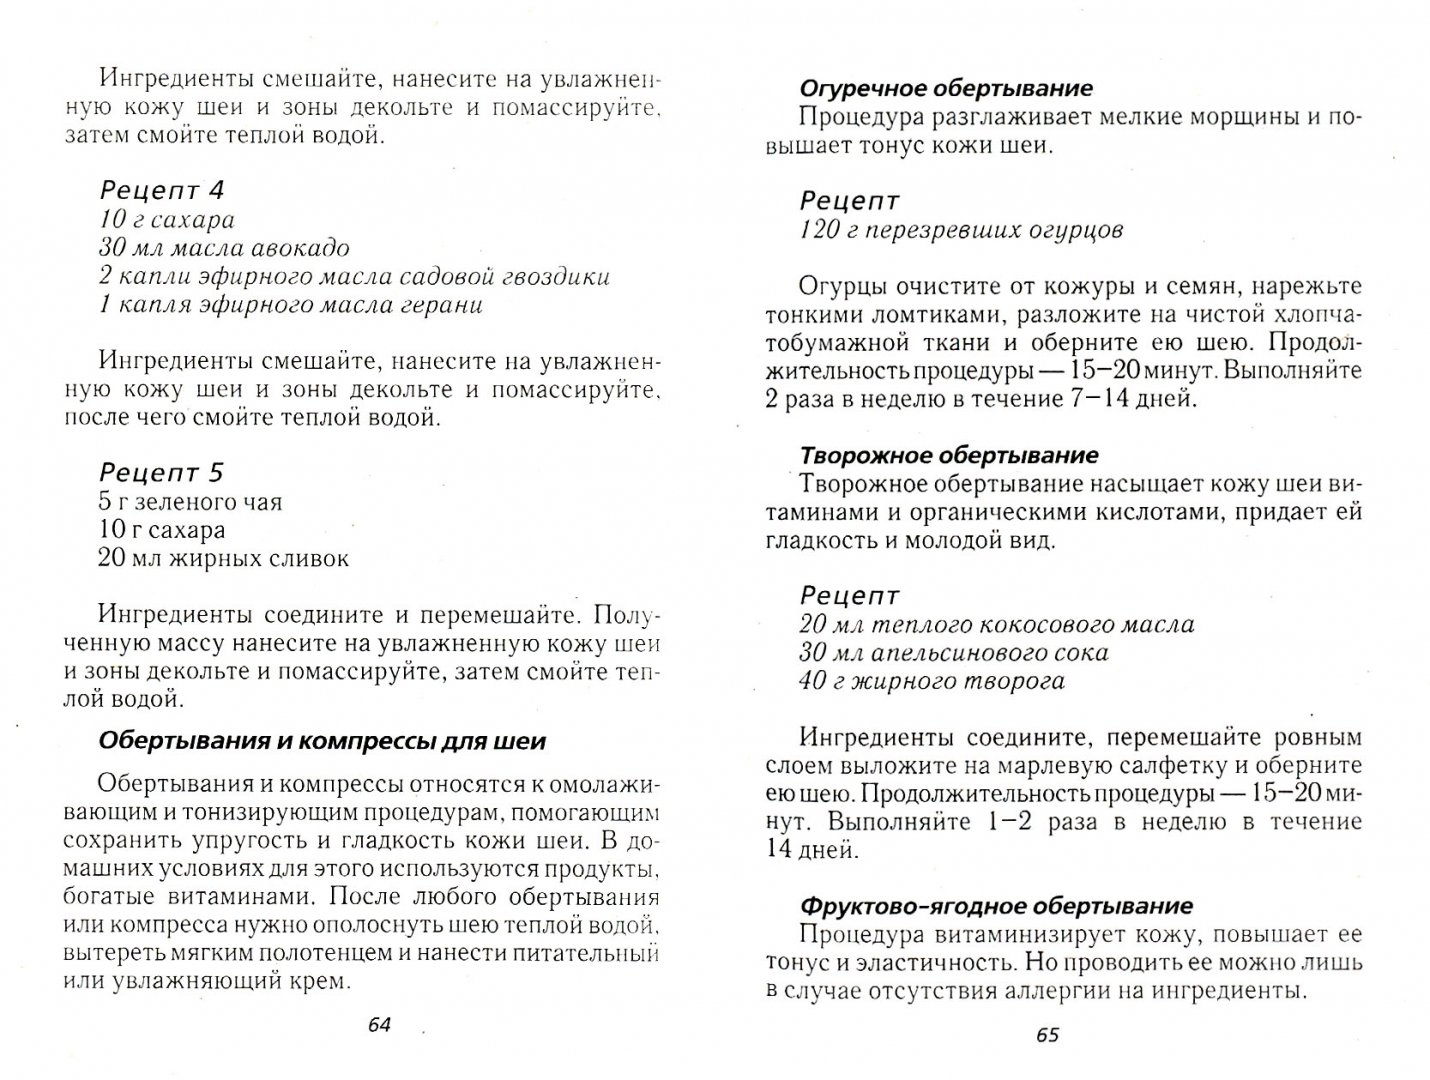 Иллюстрация 1 из 15 для Уход за лицом, шеей, зоной декольте - Ирина Зайцева | Лабиринт - книги. Источник: Лабиринт